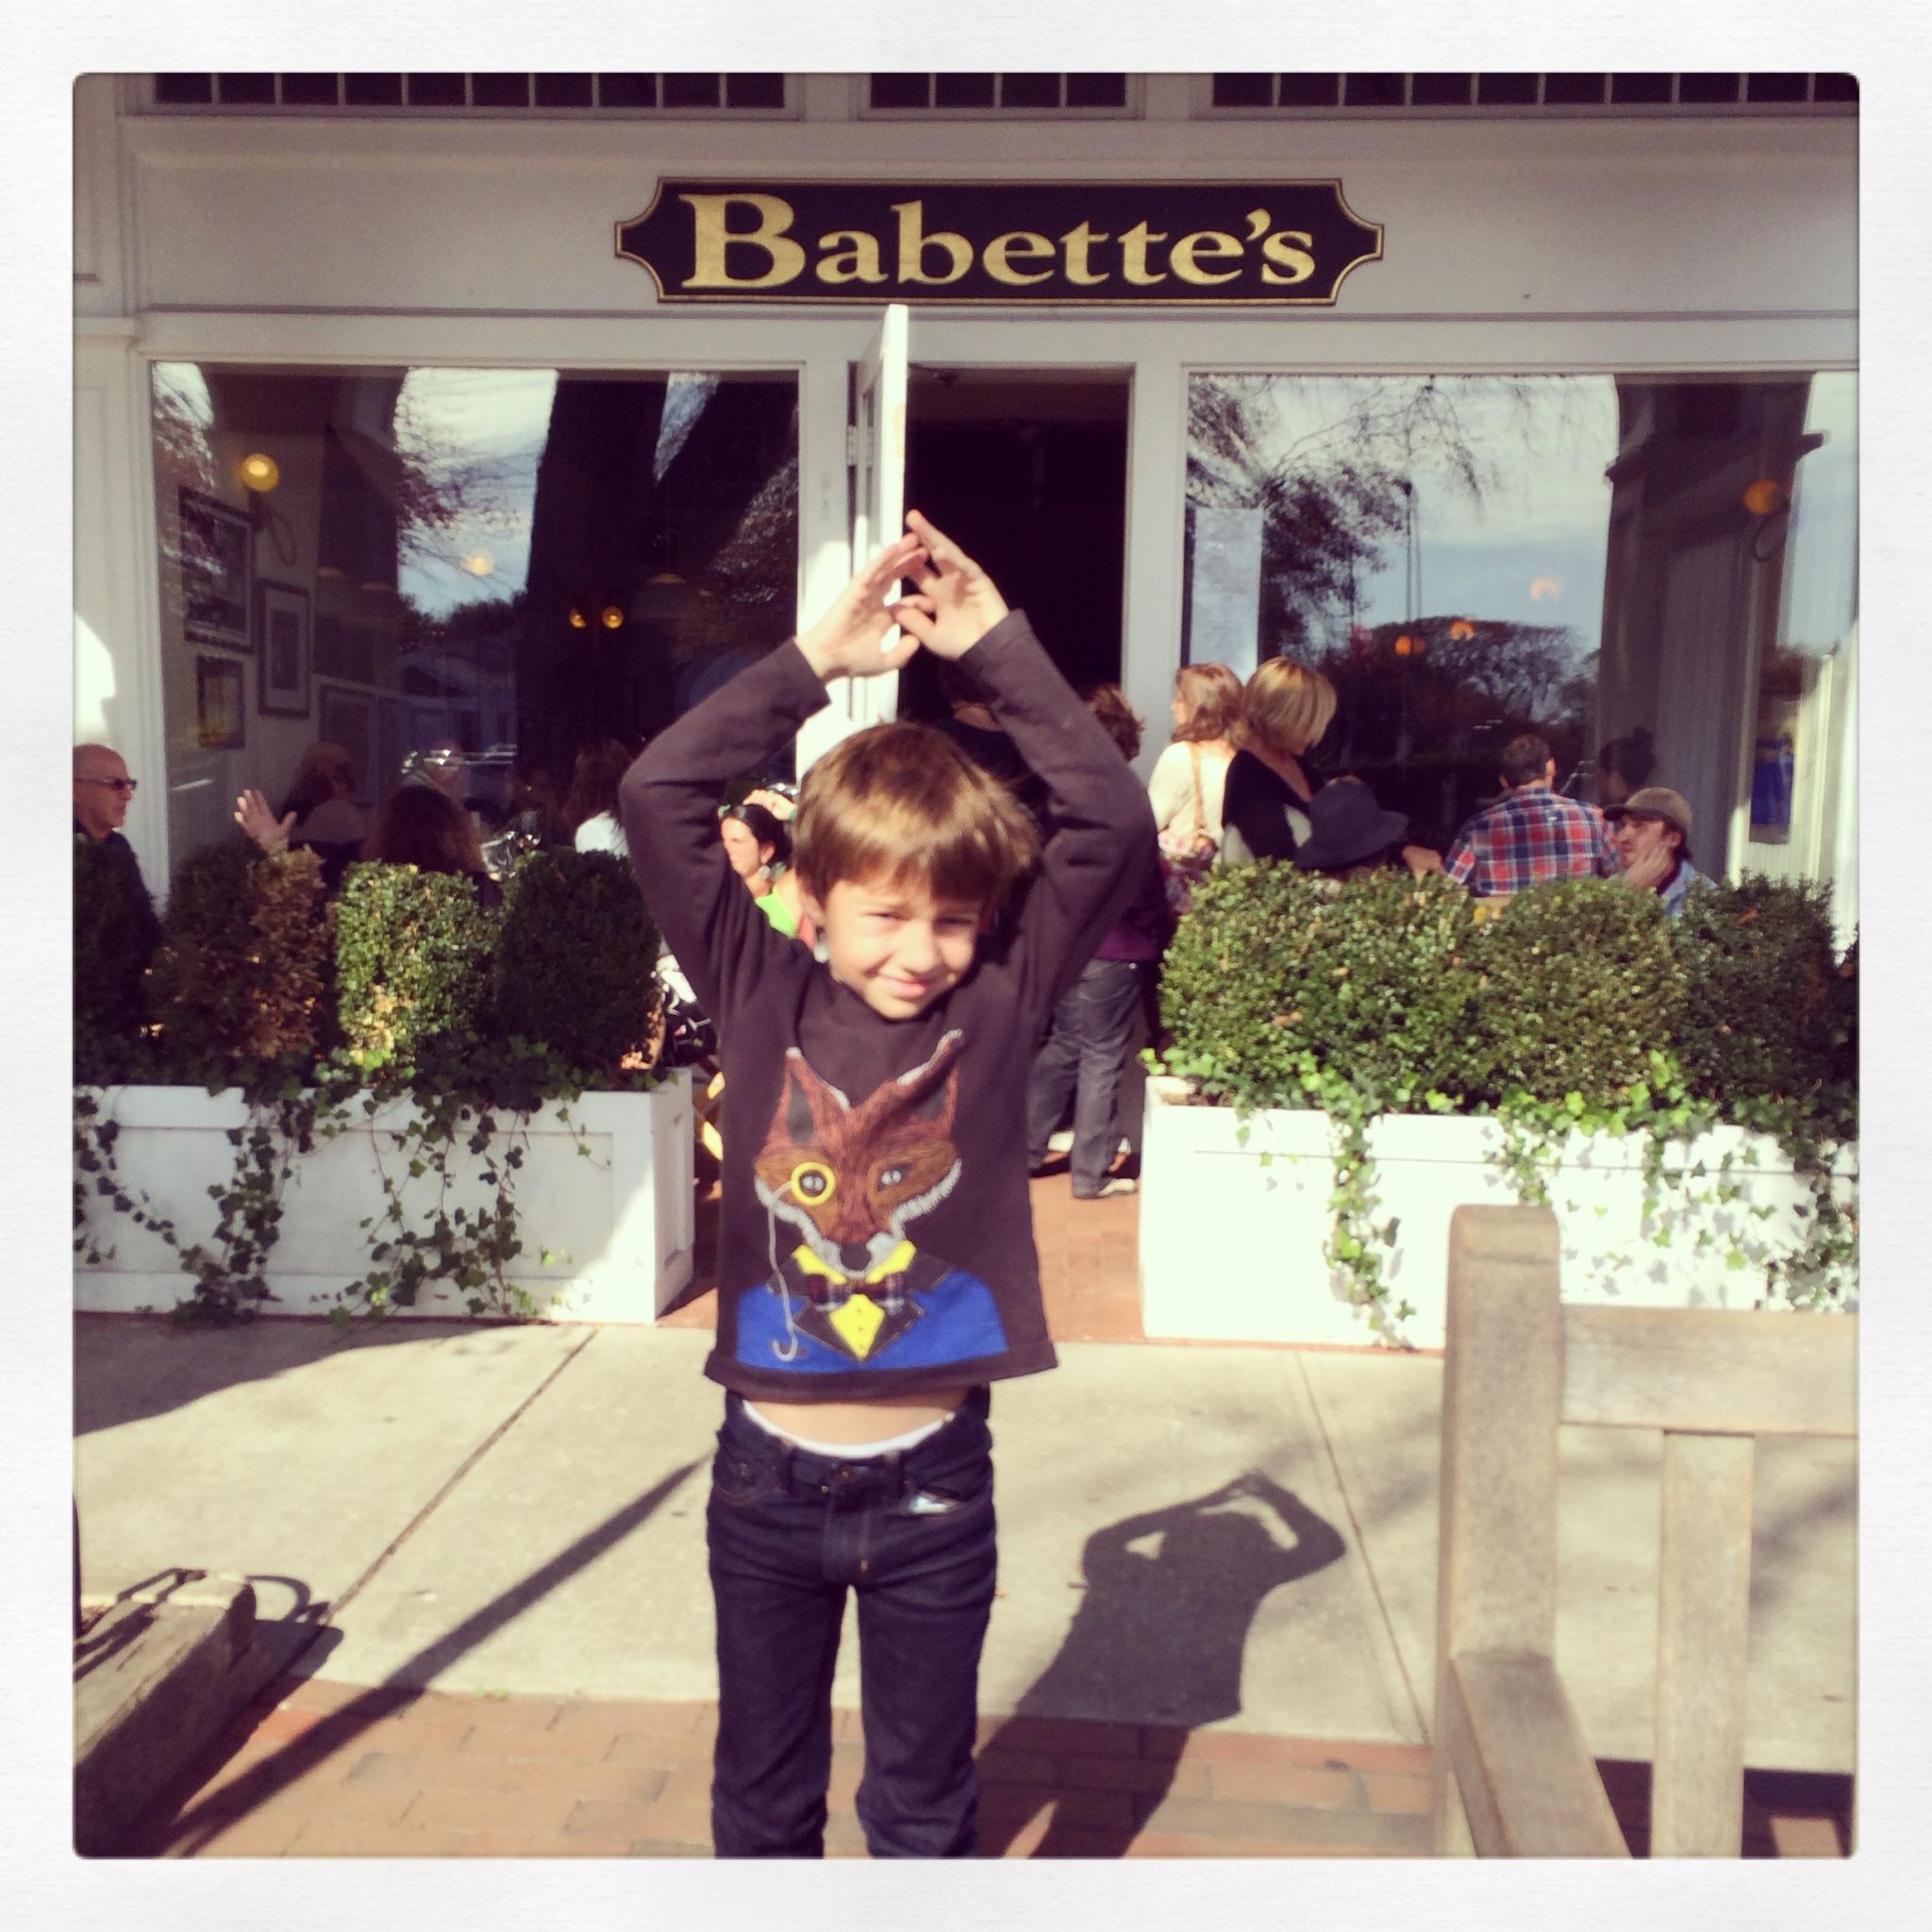 Babette's was a hit!